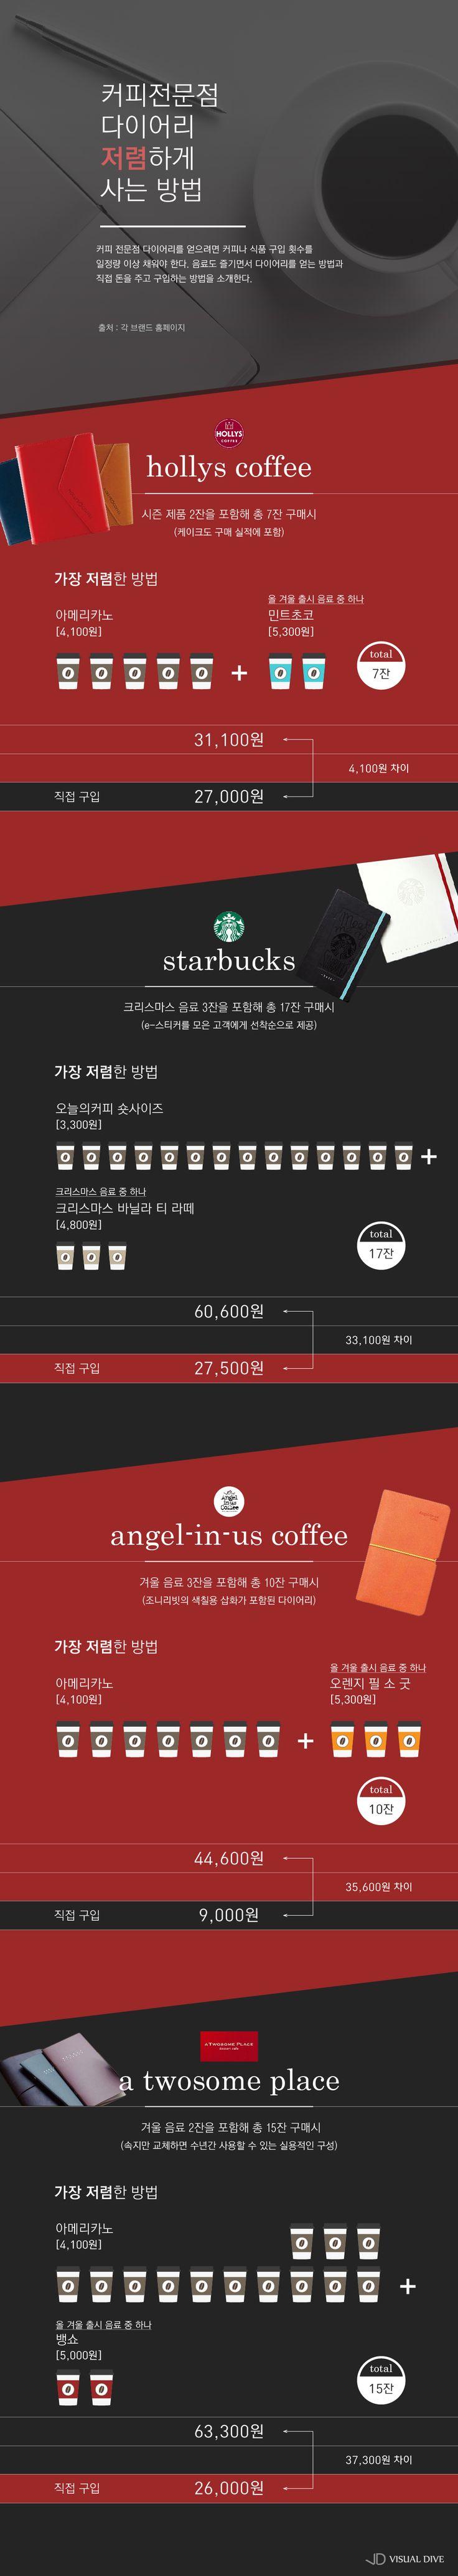 커피전문점 '다이어리' 가장 저렴하게 사는 방법은? [인포그래픽] #Coffee / #Infographic ⓒ 비주얼다이브 무단…